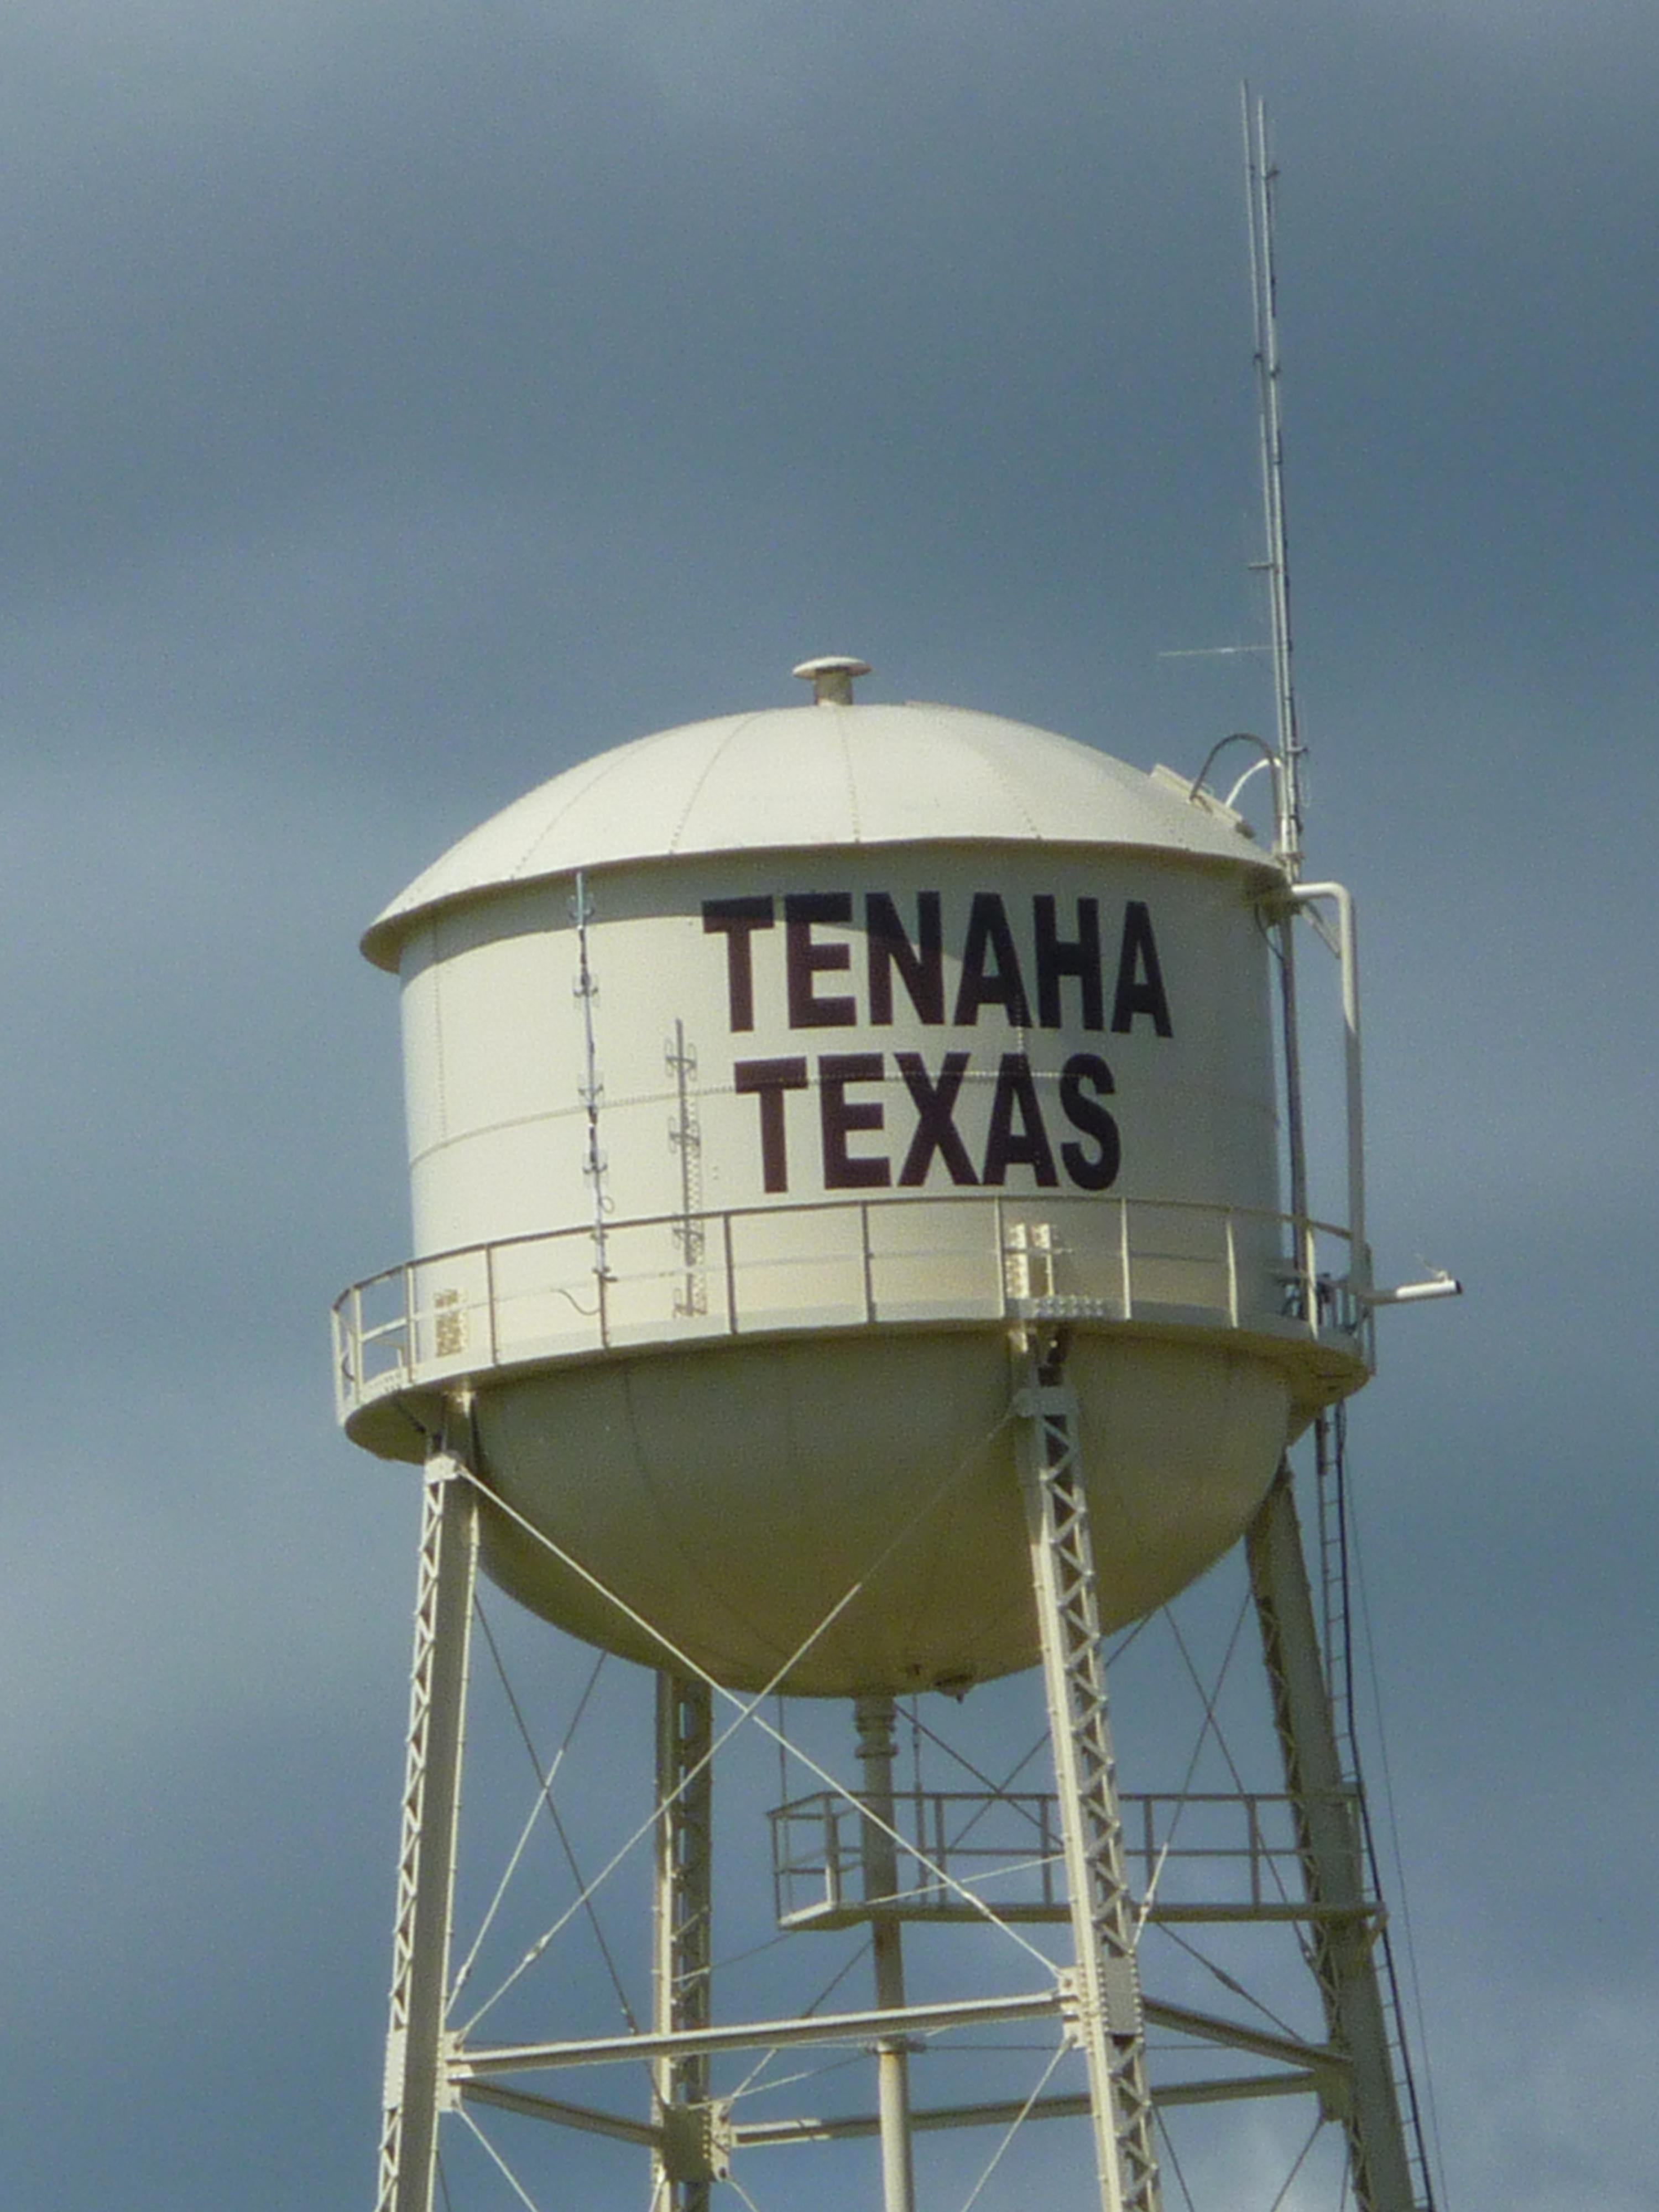 تيناها (تكساس)